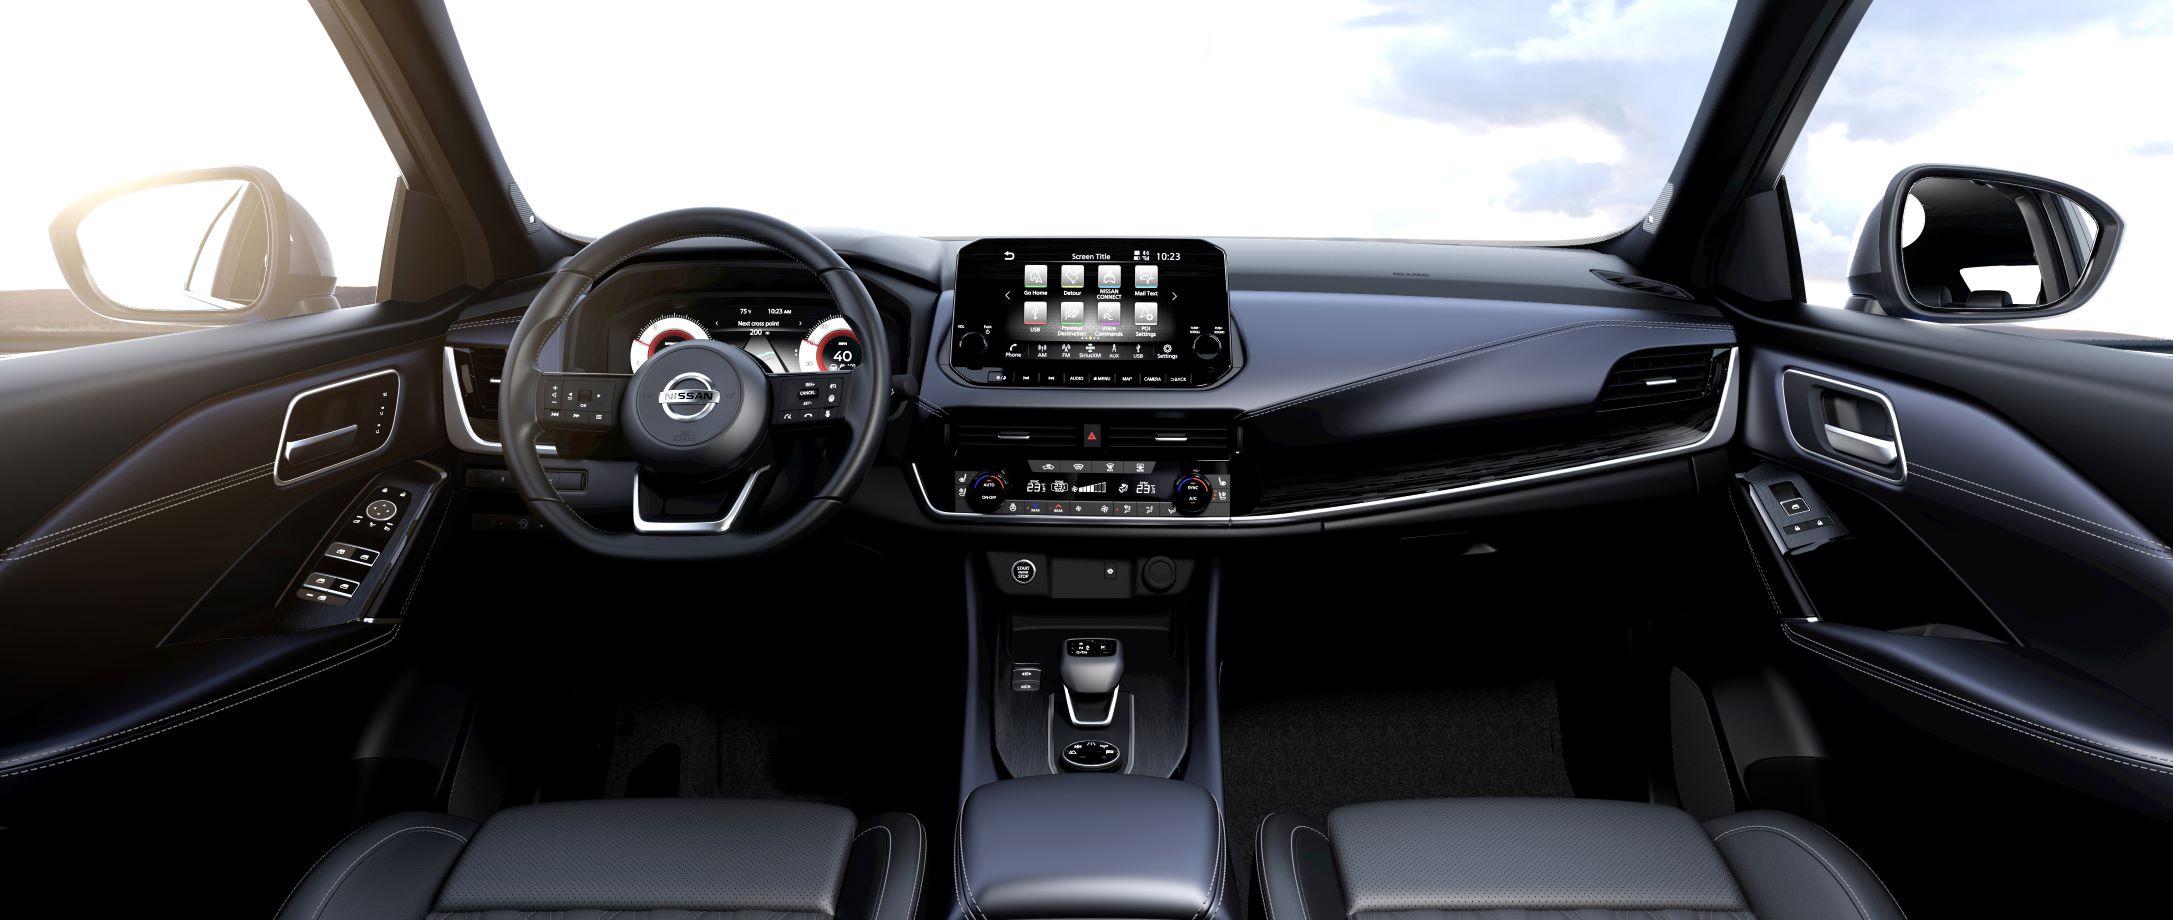 Primeiro cliente nacional já recebeu o seu novo Nissan Qashqai 13